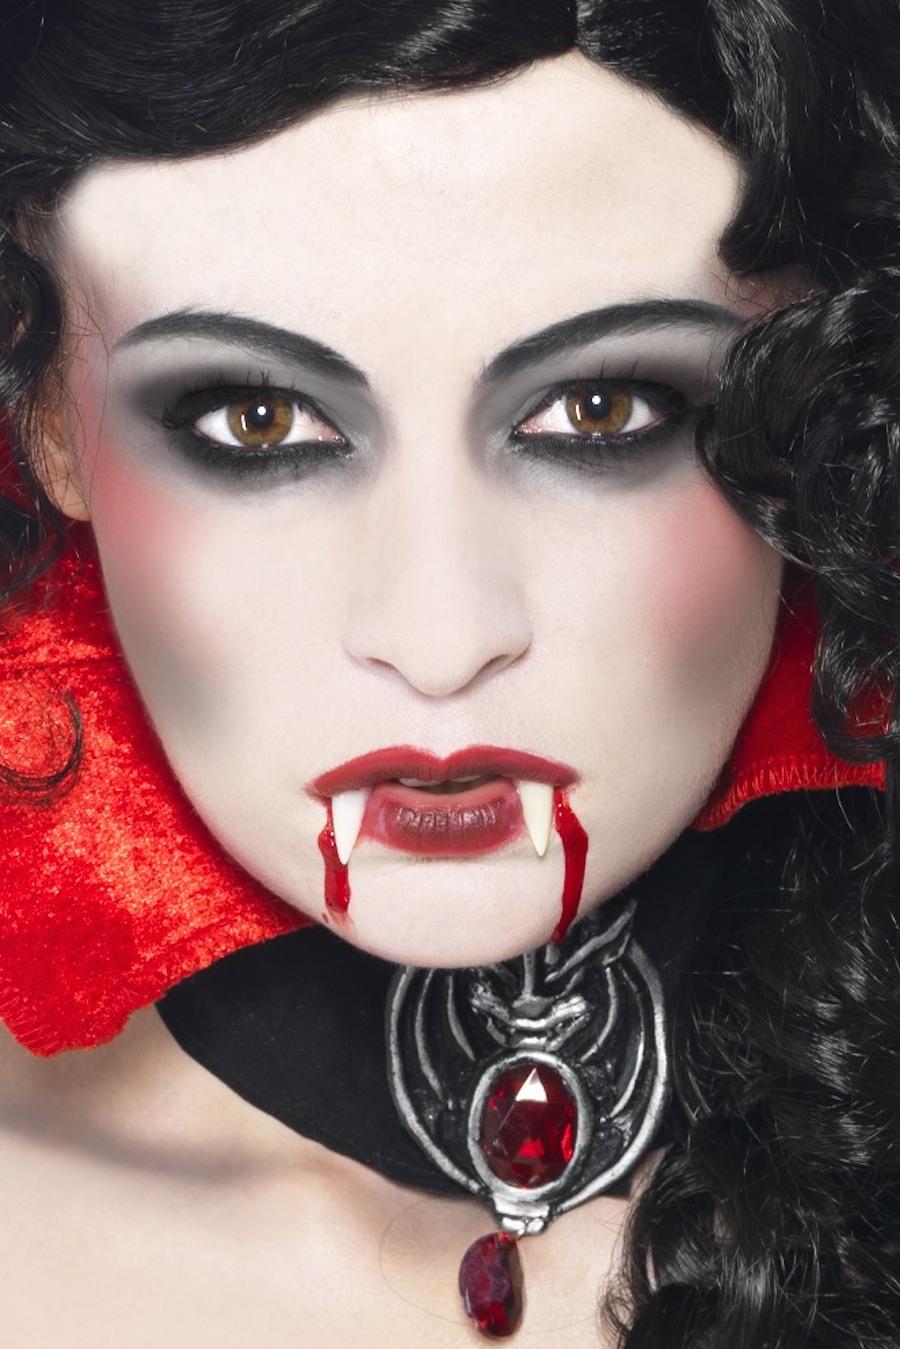 Ergebnis Anleitung Schminken Vampir